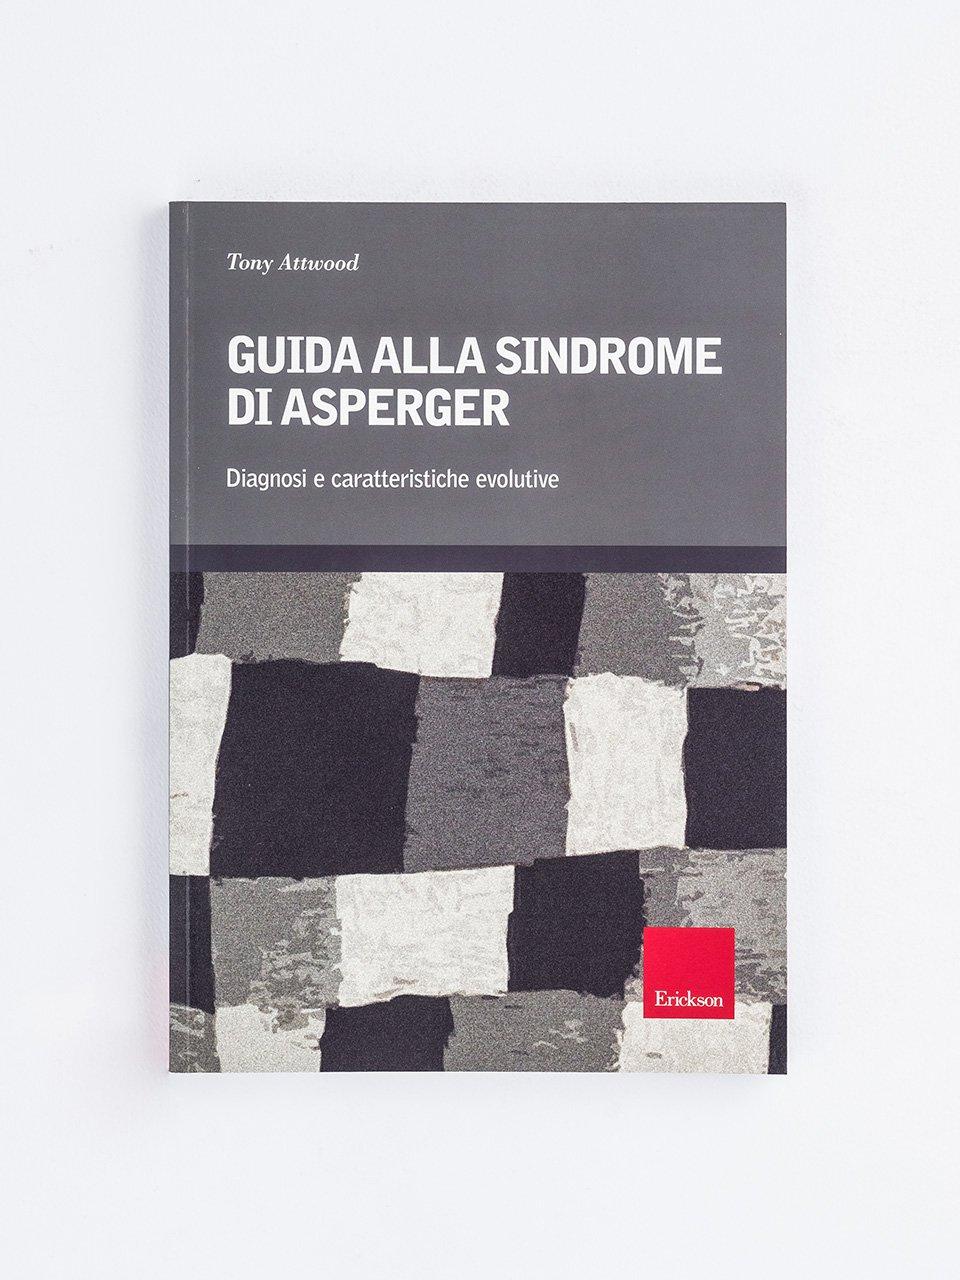 Guida alla sindrome di Asperger - Bizzarri, isolati e intelligenti - Libri - Erickson